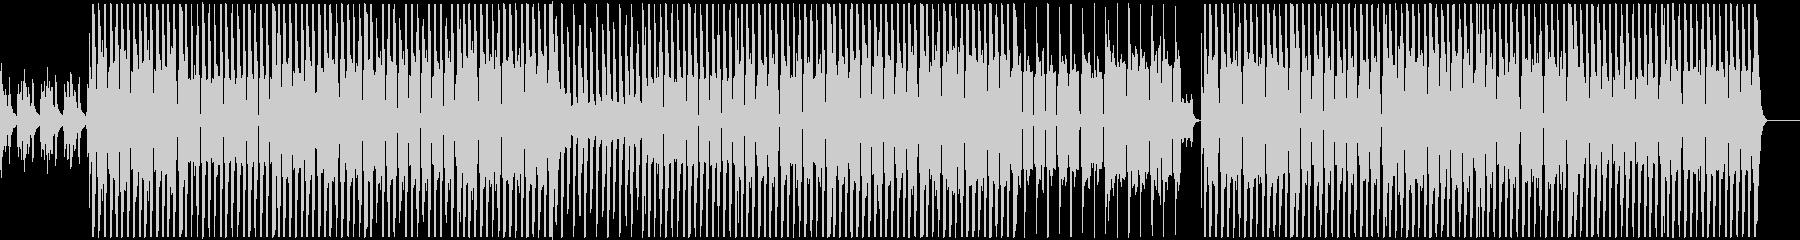 カンフー アクション バトル スピードの未再生の波形